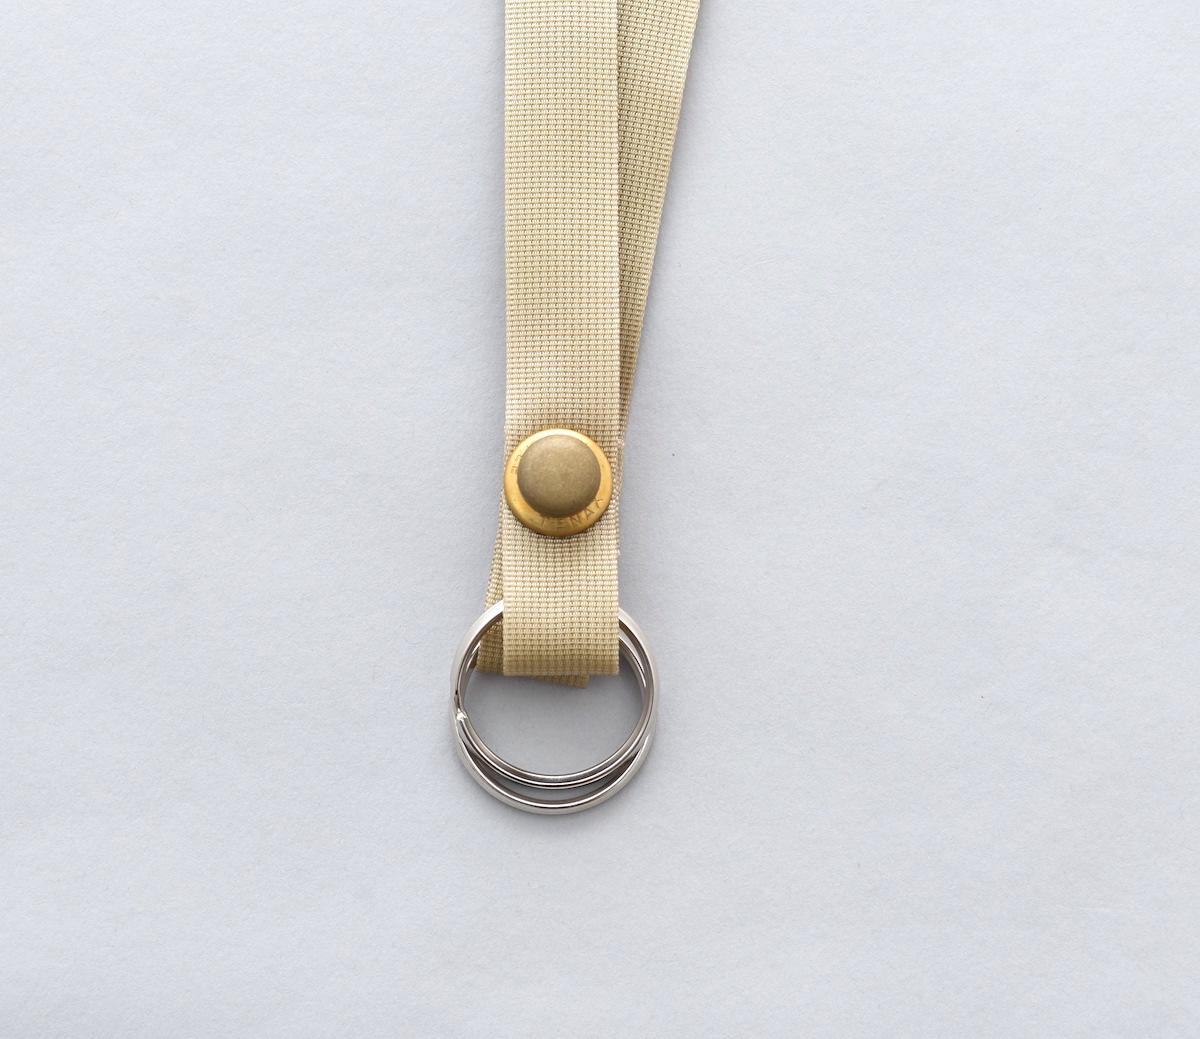 MAN-TLE × SISTER「 R7 – LONG KEY RING / BEIGE × BRASS SNAP」